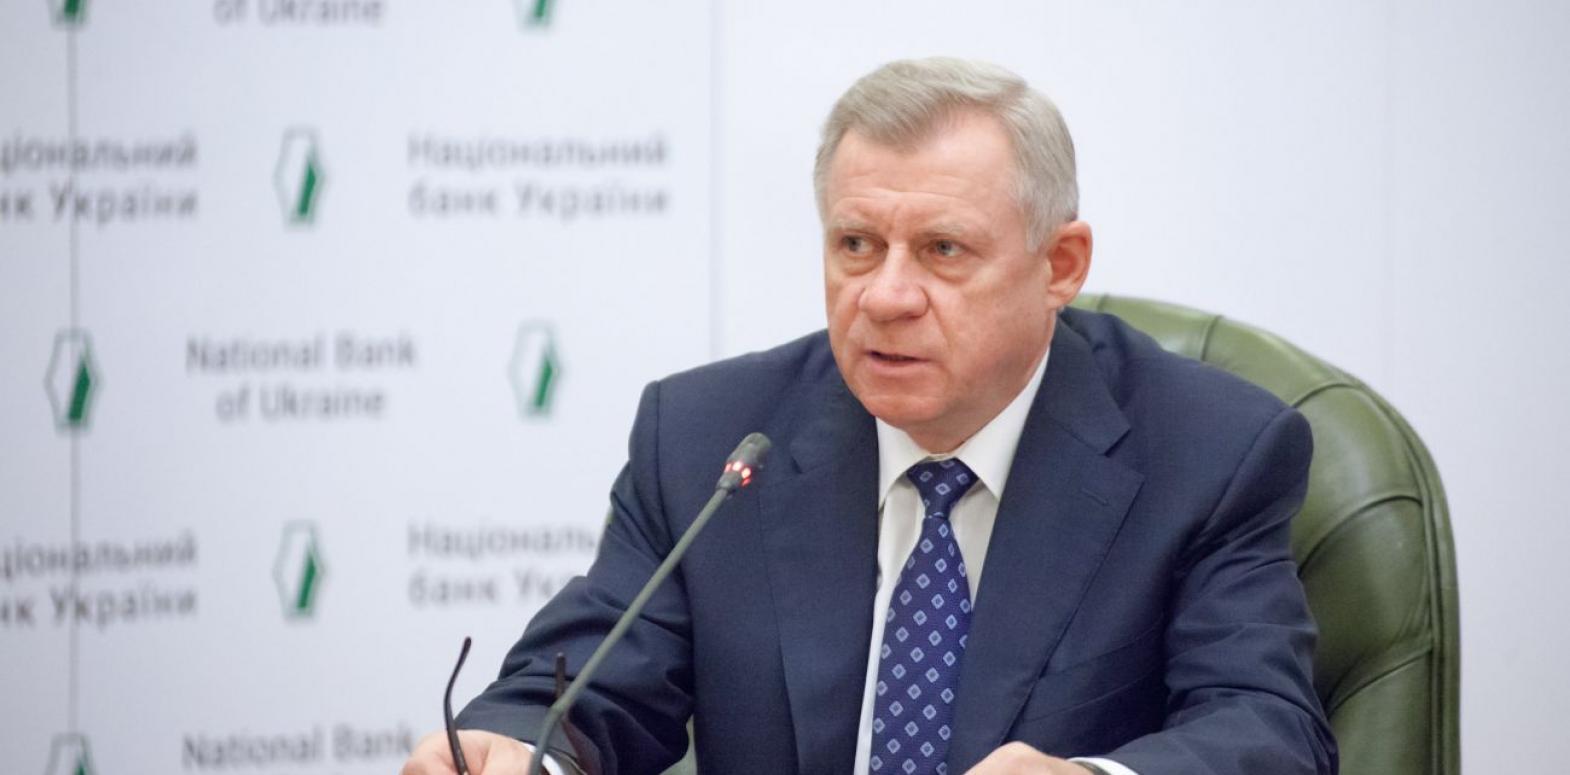 Смолий обсуждал с Зеленским свою отставку